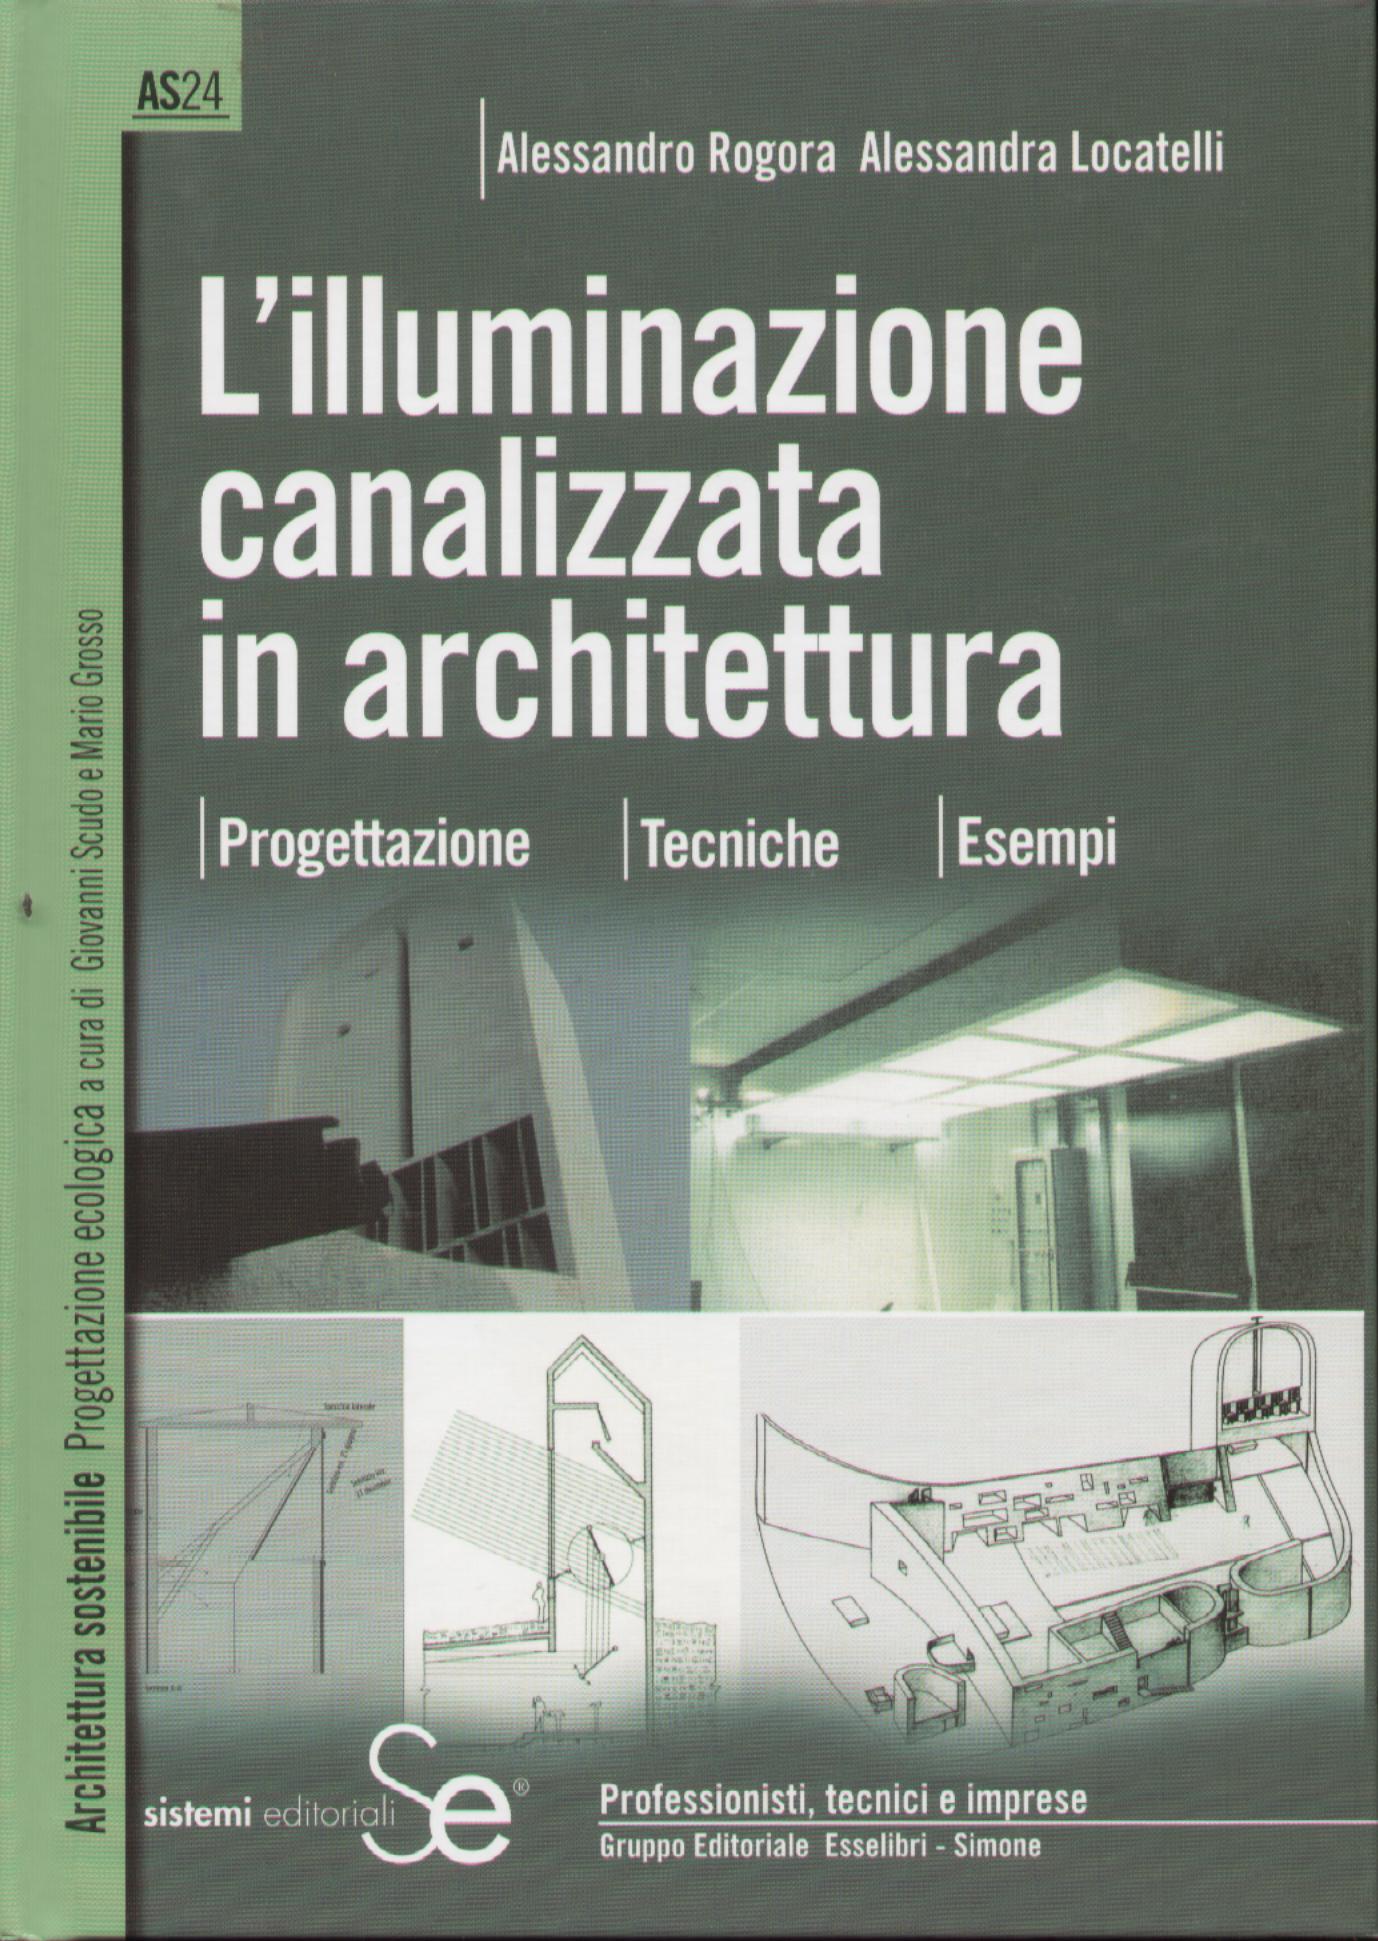 L'illuminazione canalizzata in architettura